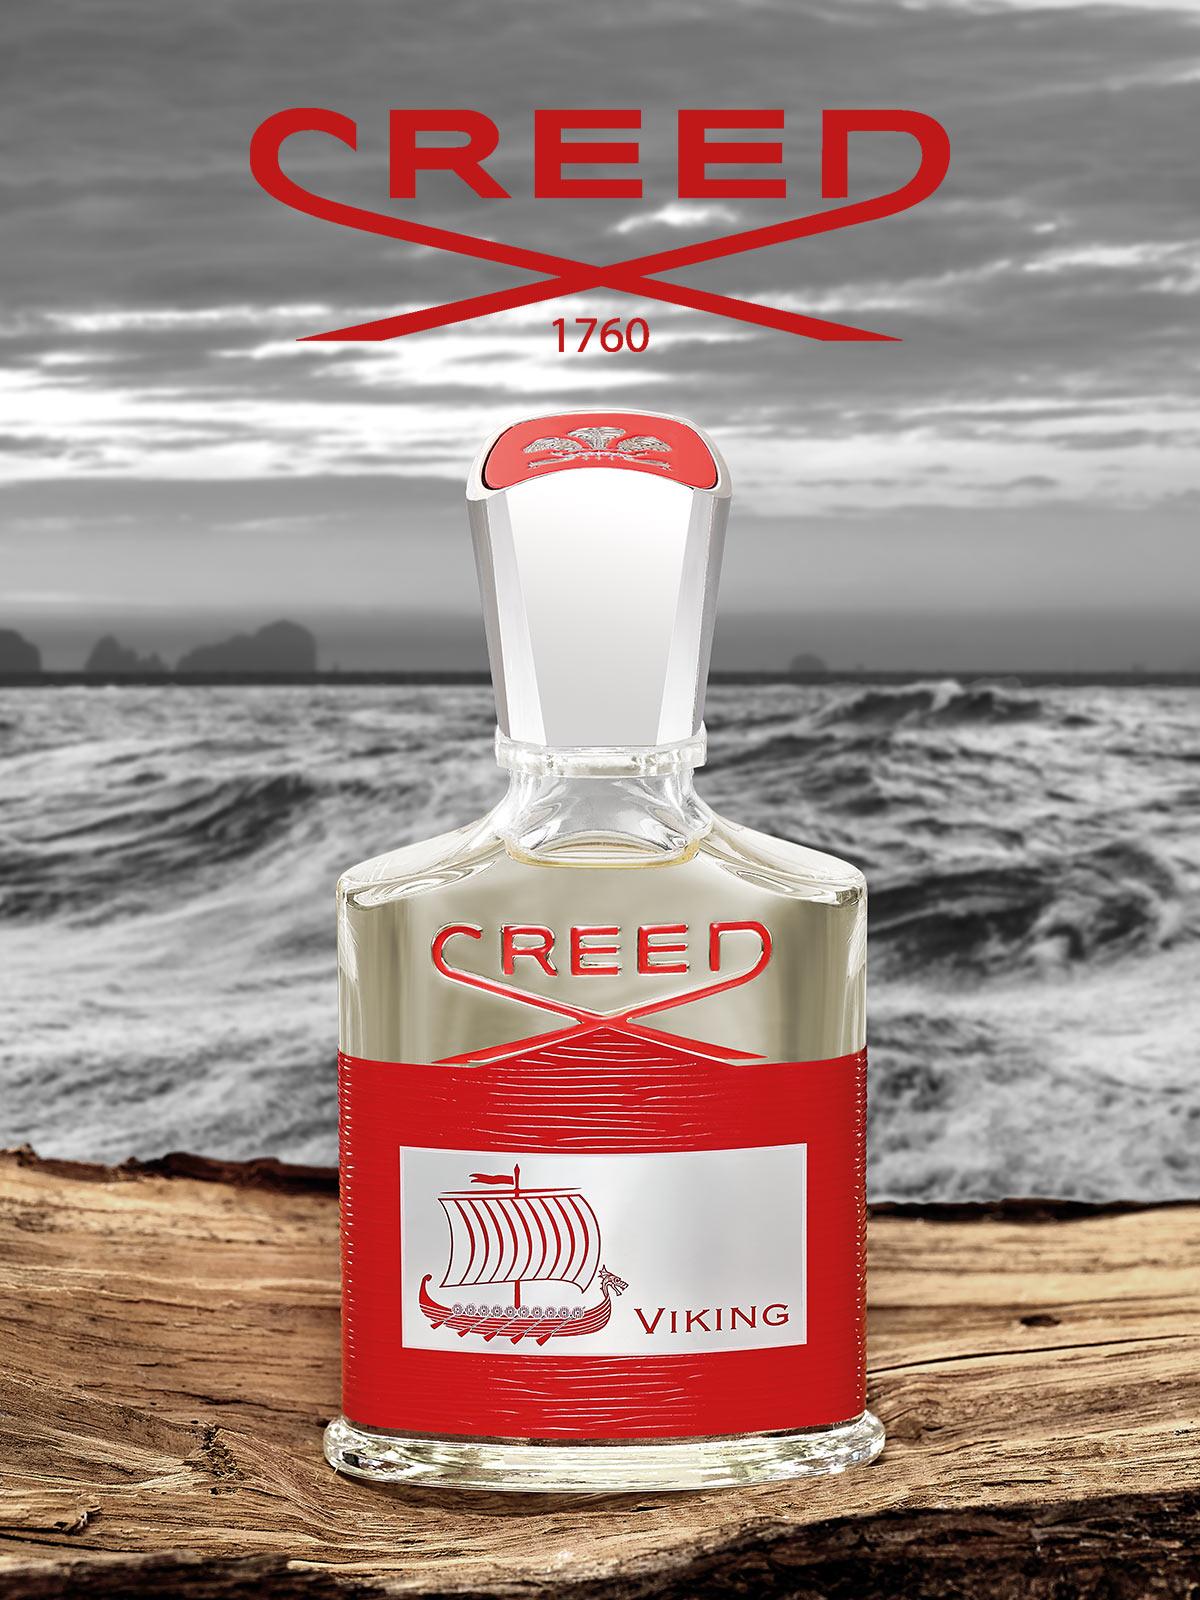 Ein Bild von einem Creed Parfum Visual